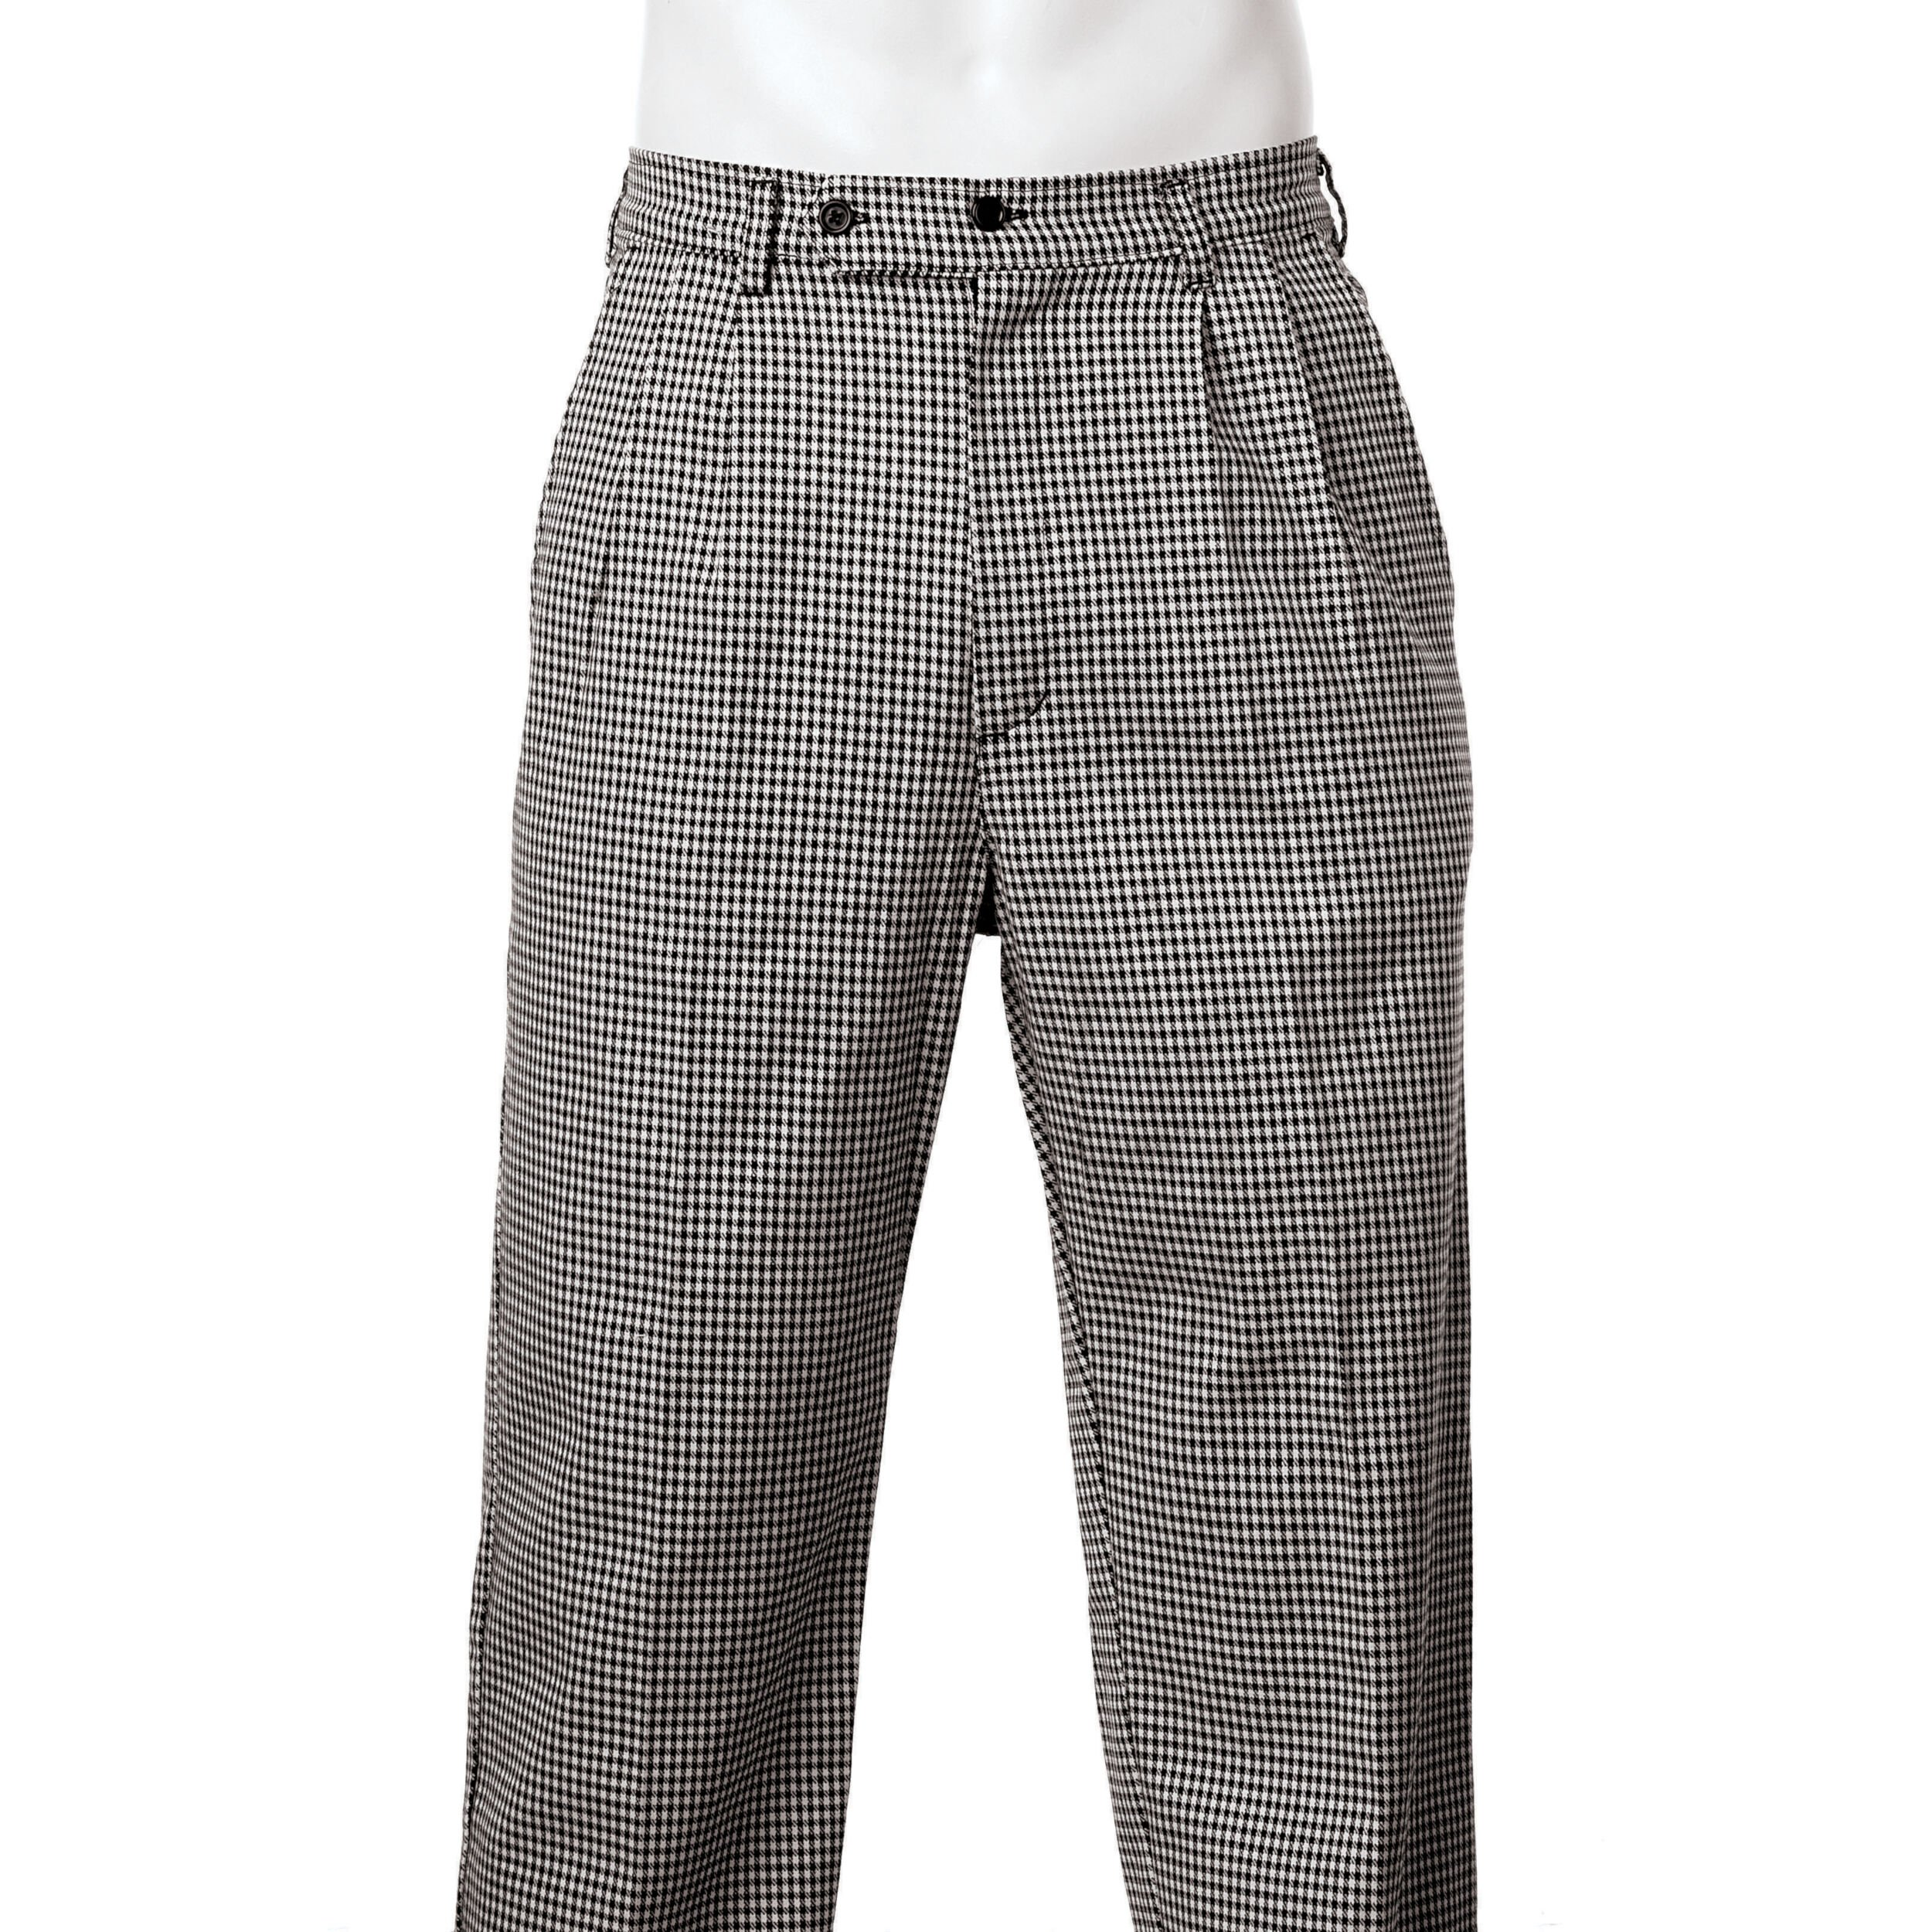 Pantaloni Cuoco Tg. 56, peso 0